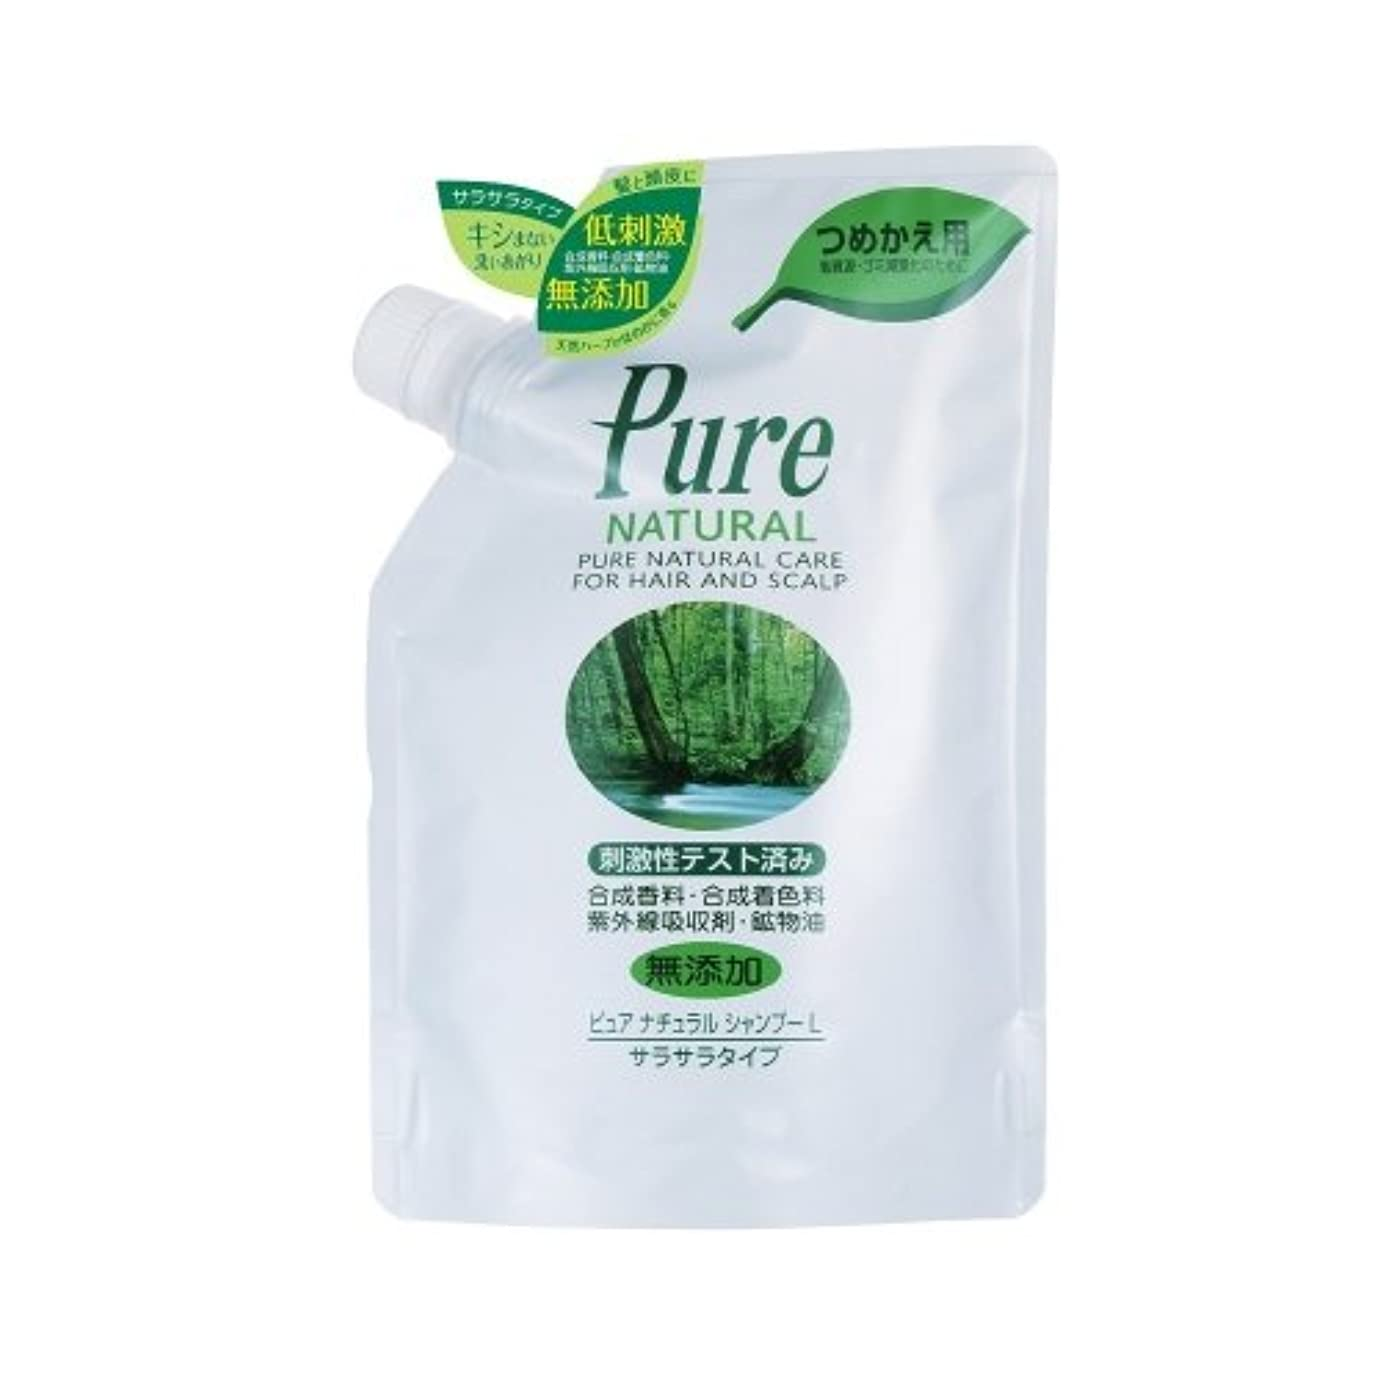 買う水場所Pure NATURAL(ピュアナチュラル) シャンプー L (サラサラタイプ) 詰替用400ml